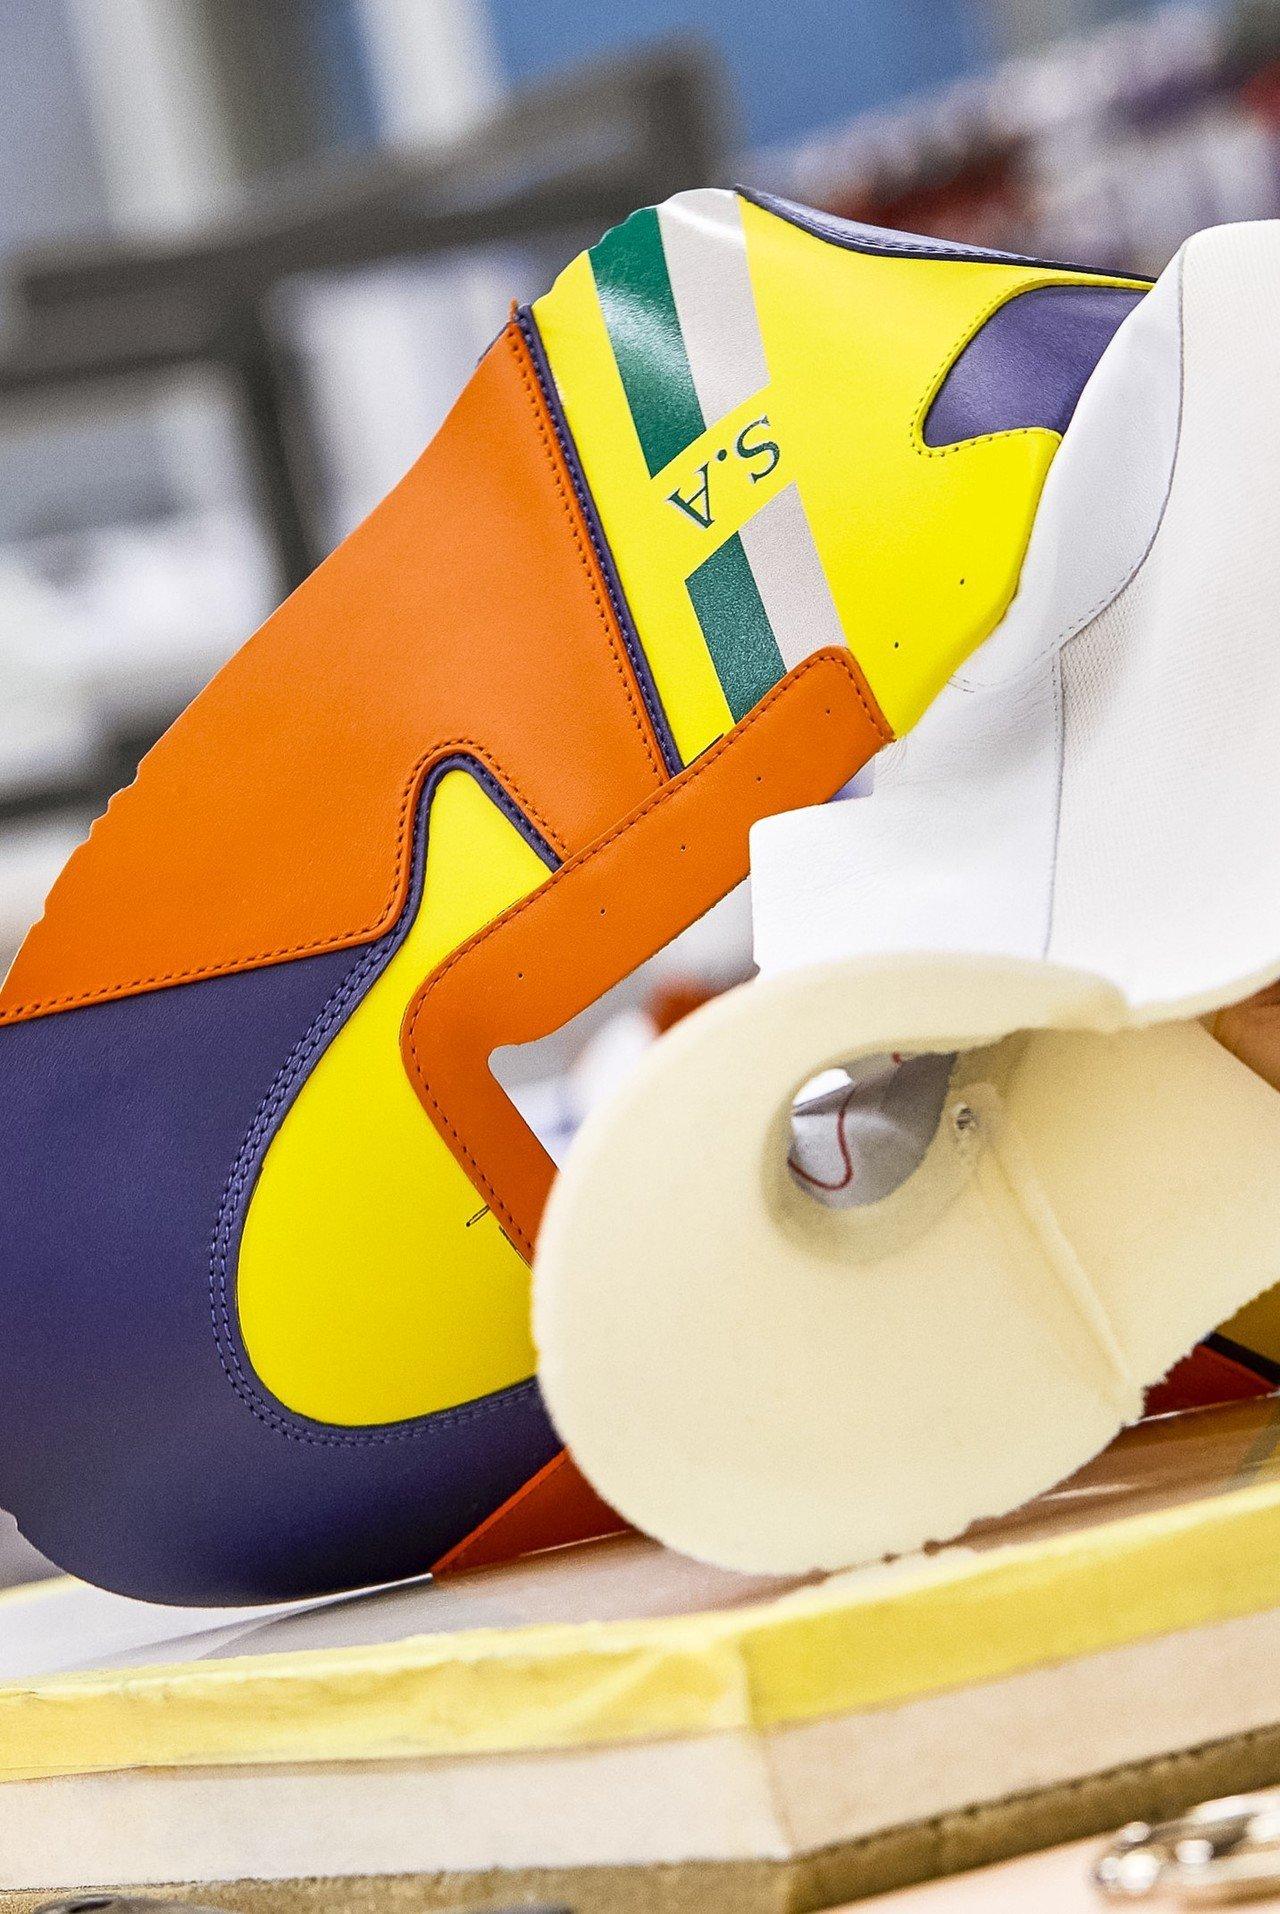 縫合球鞋的鞋面與內裡。圖/LV提供